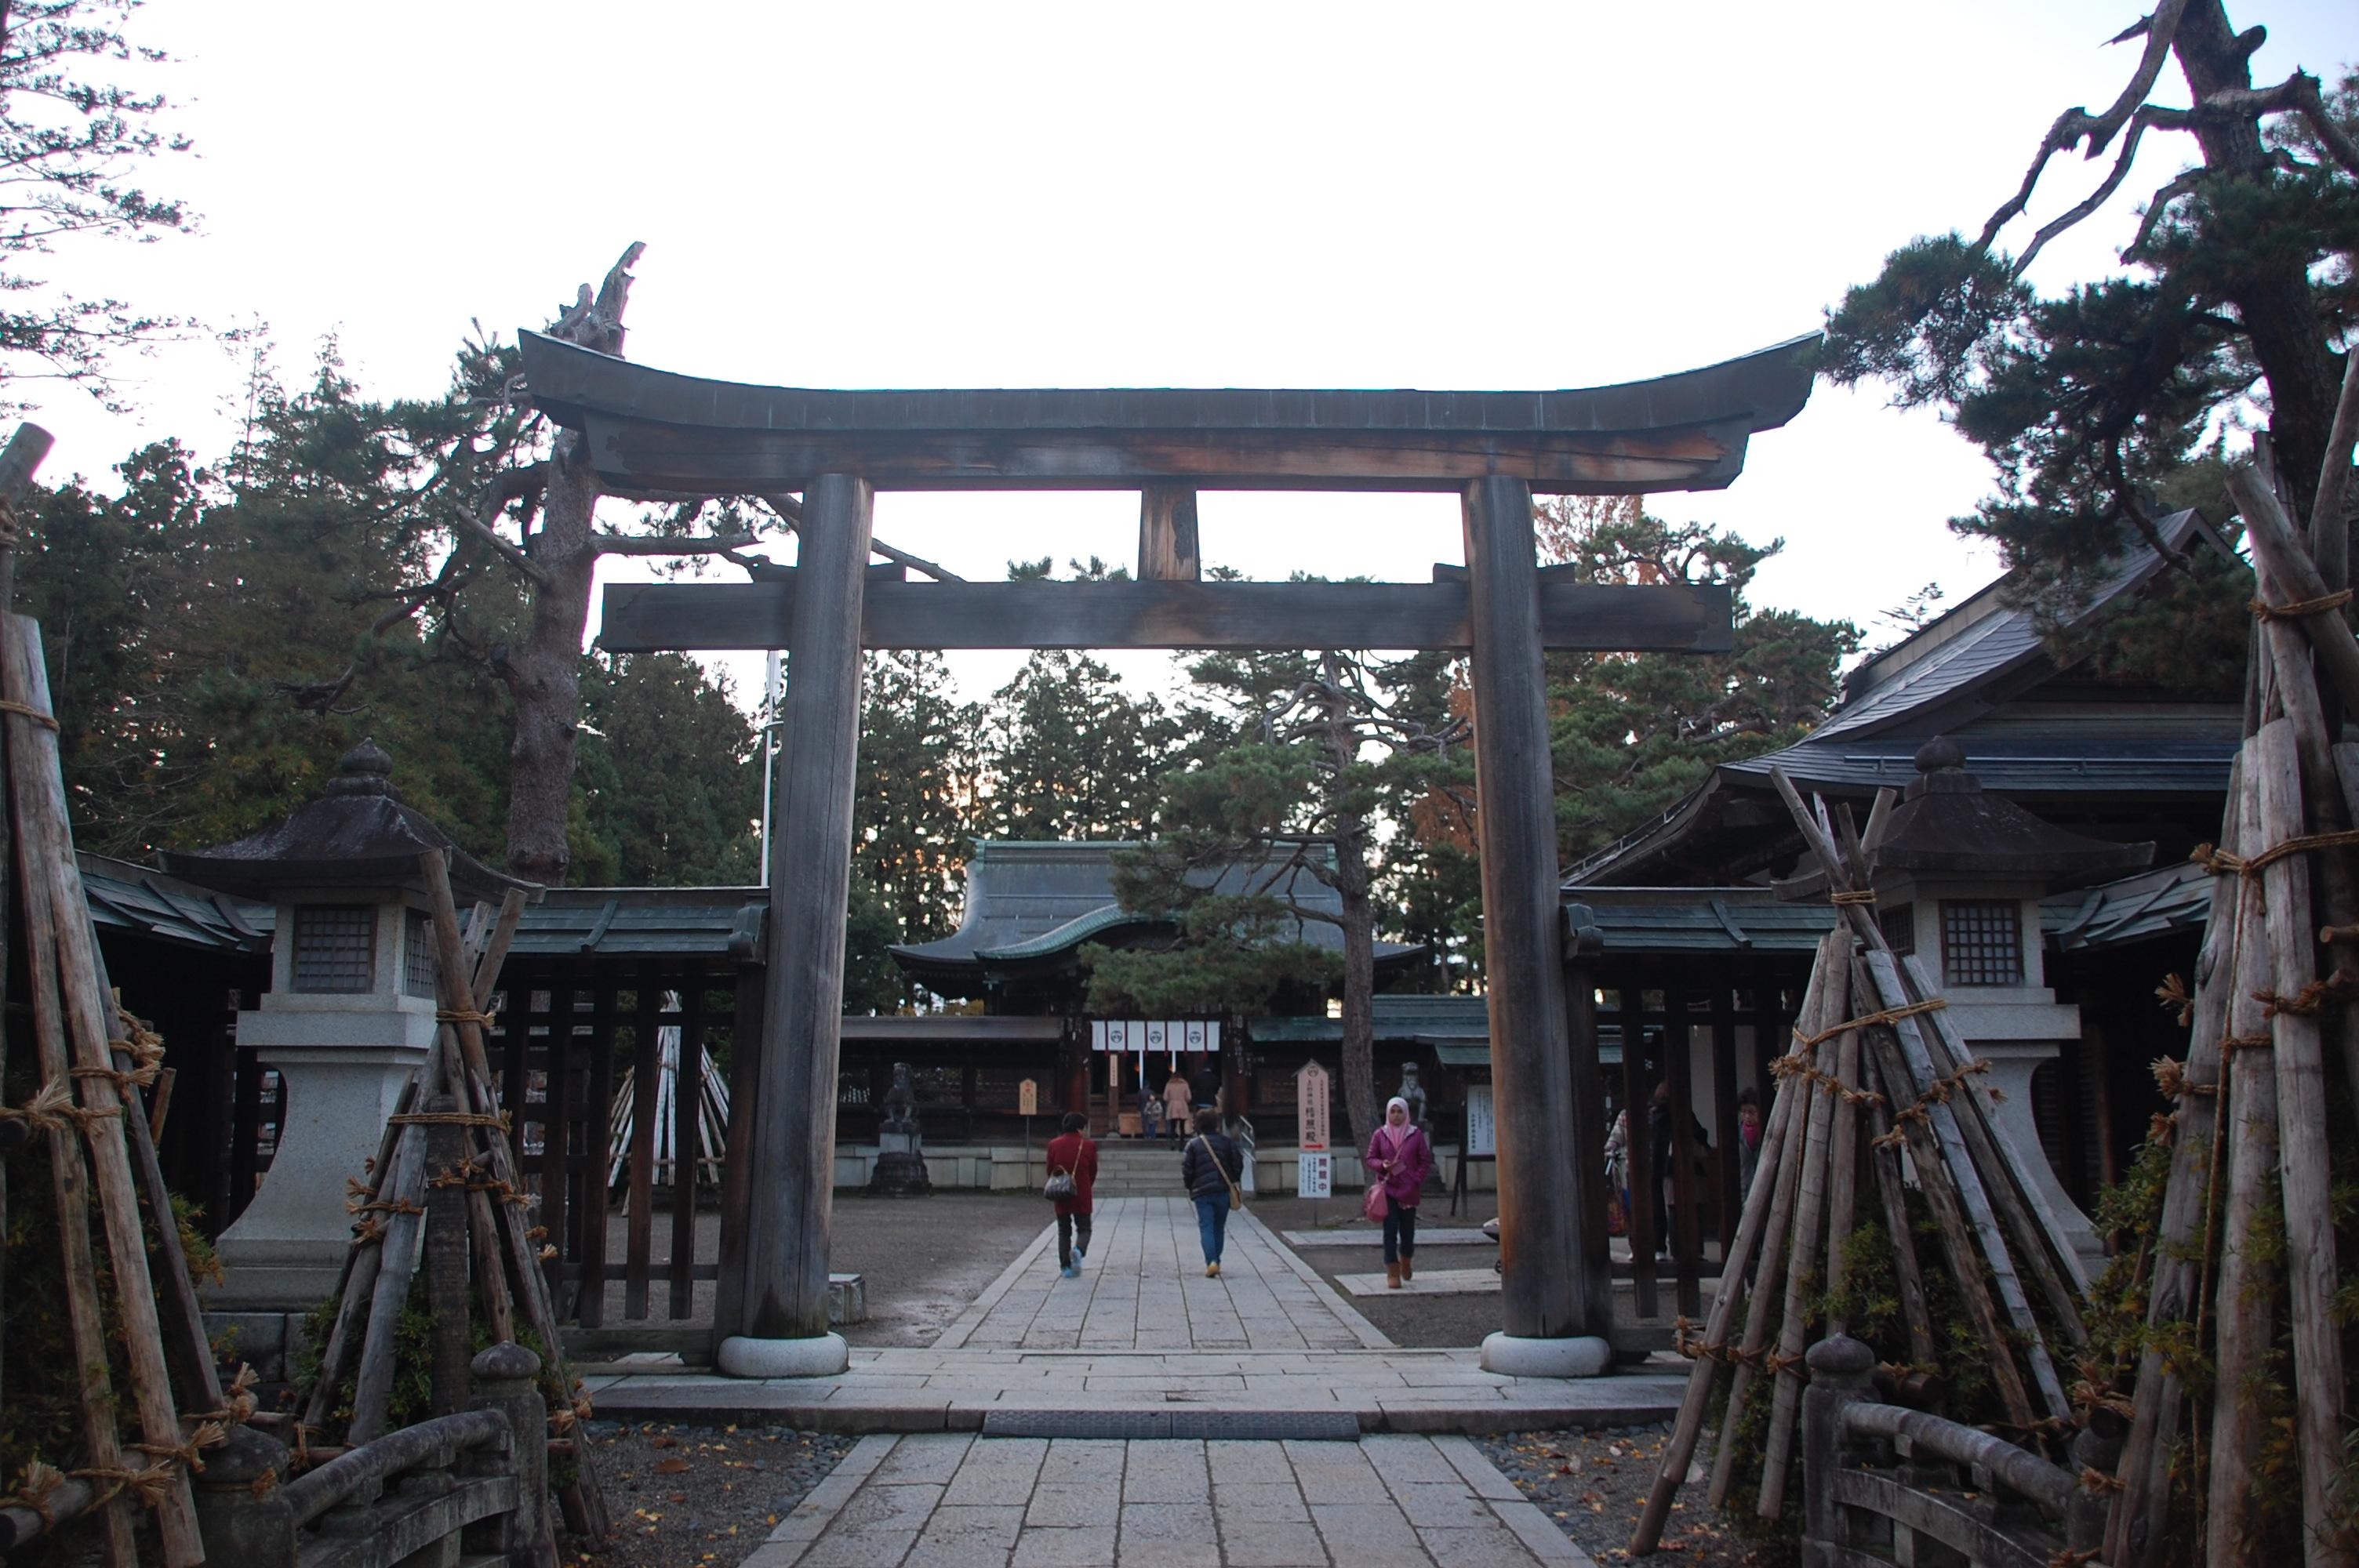 上杉神社は強力なパワースポット!御朱印を頂けばご利益も?アクセスは?